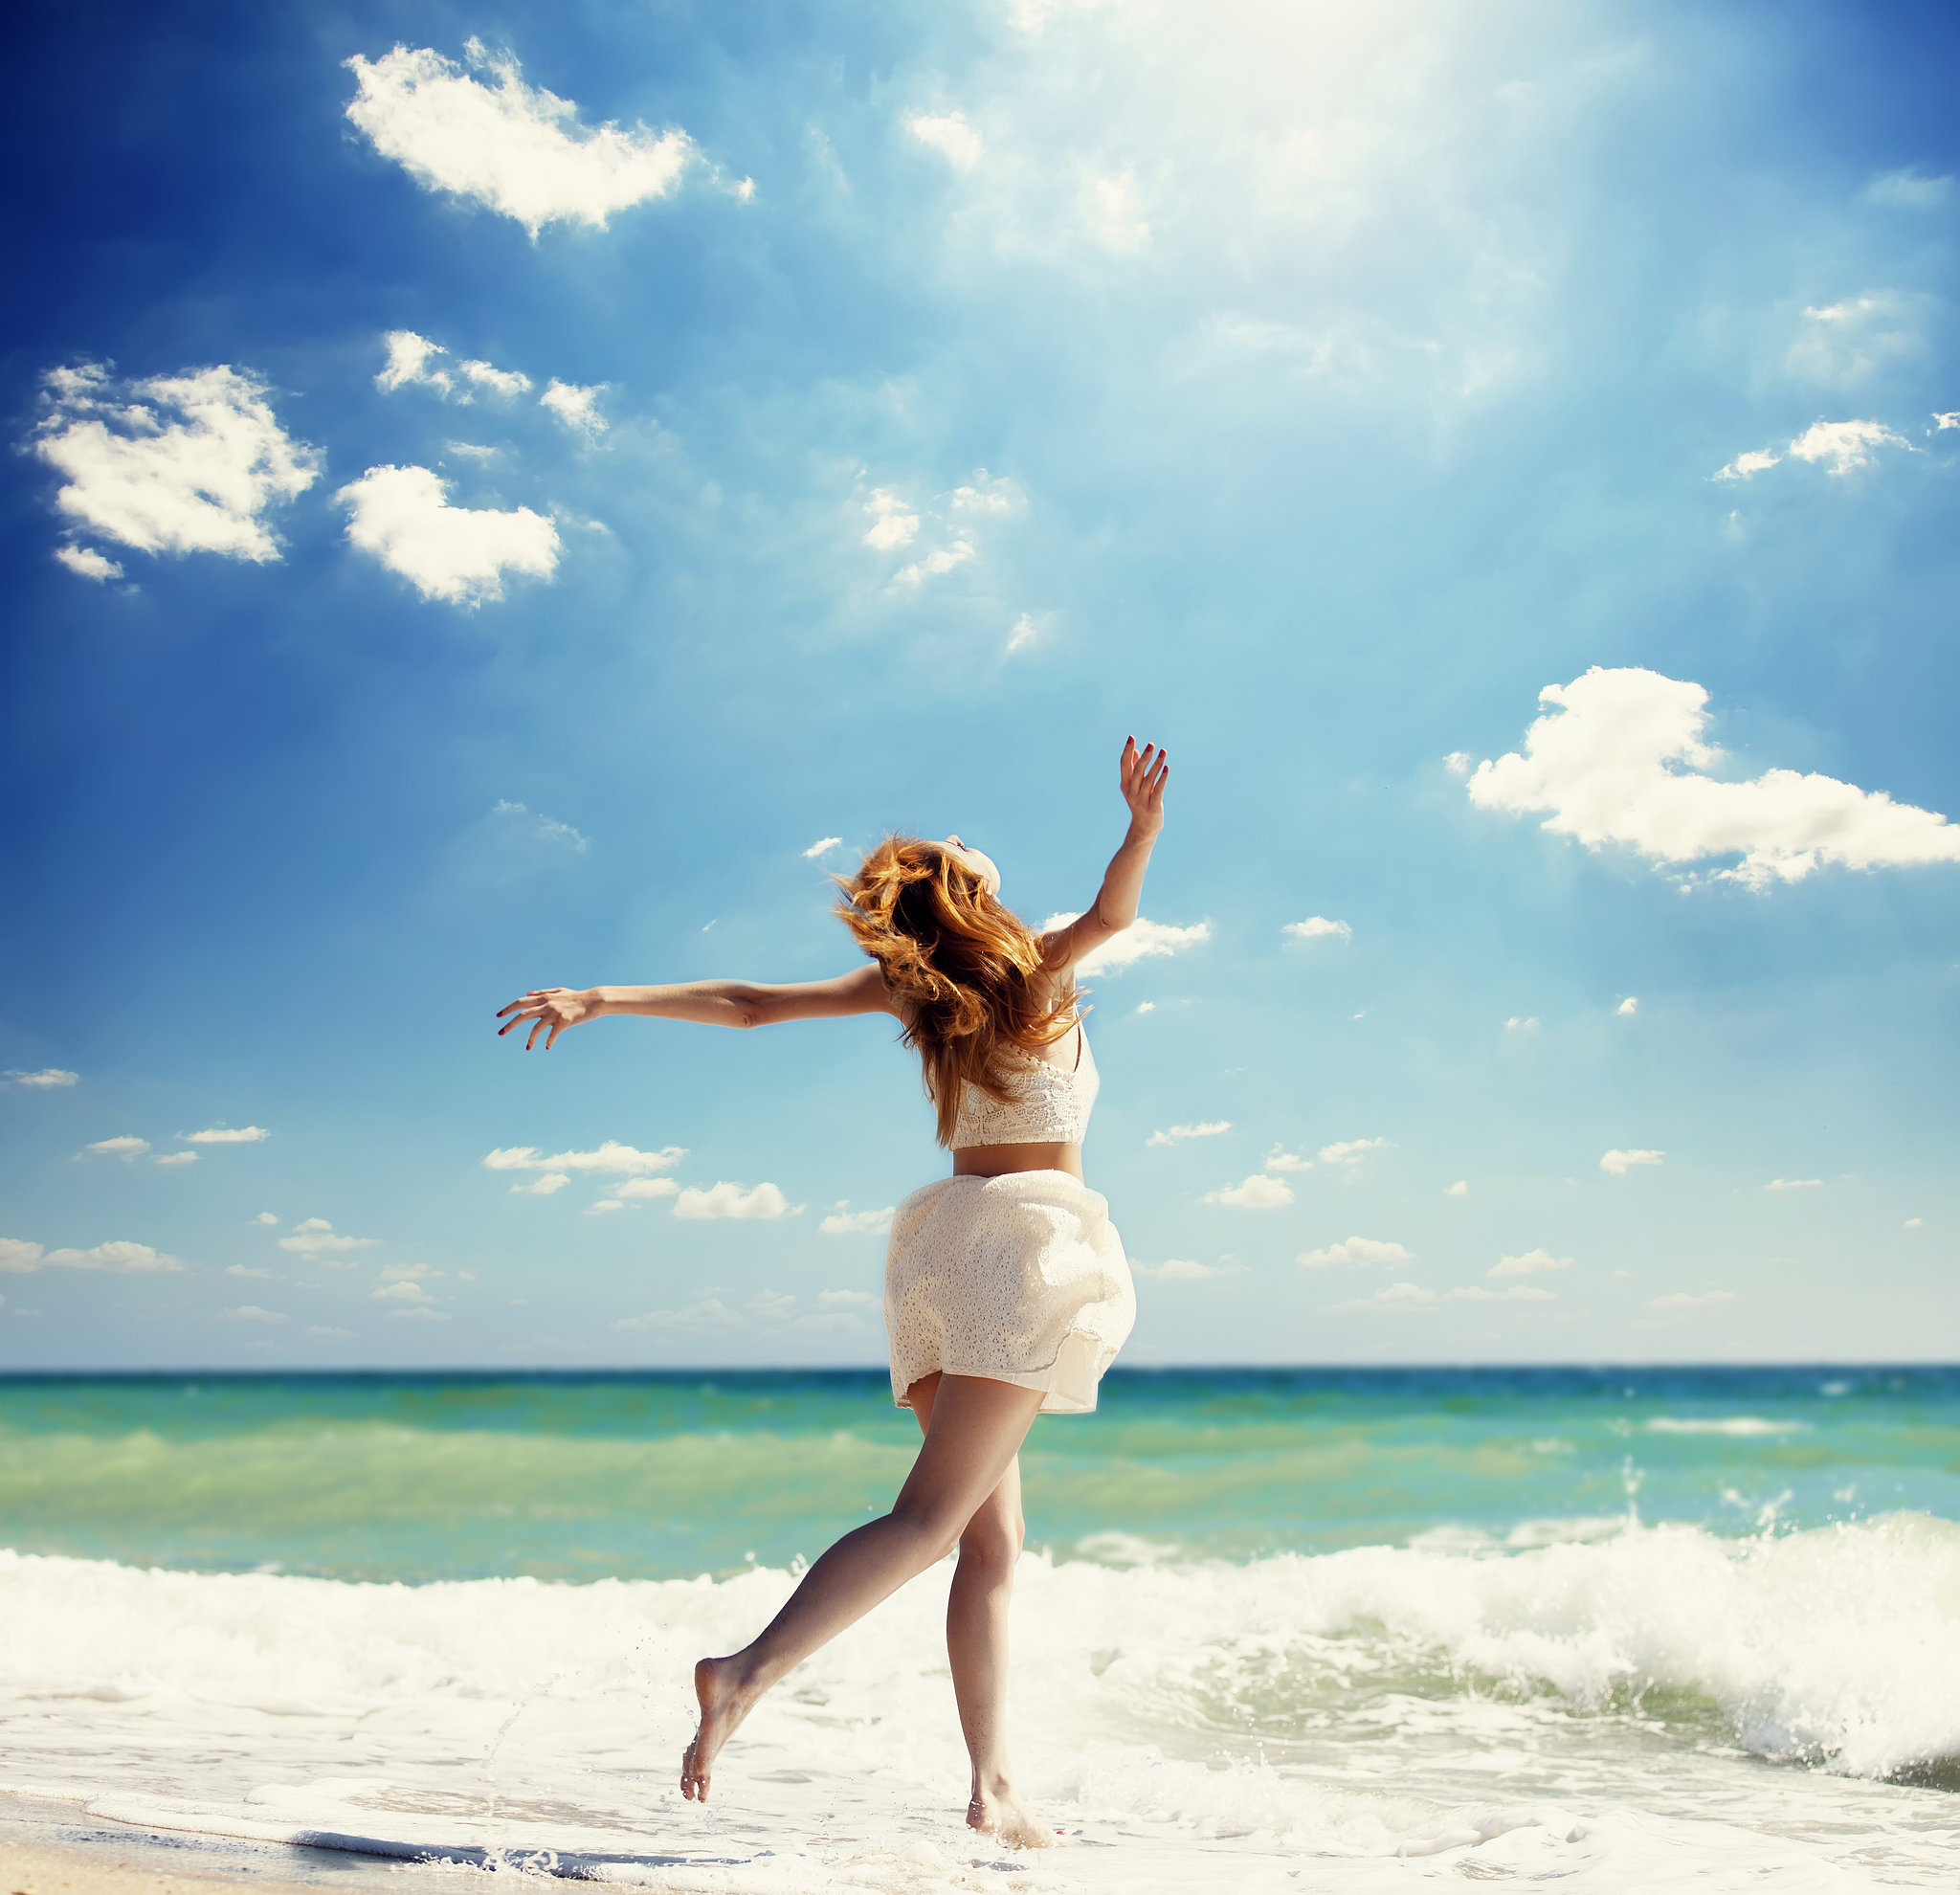 Поздравление днем, картинки море счастья